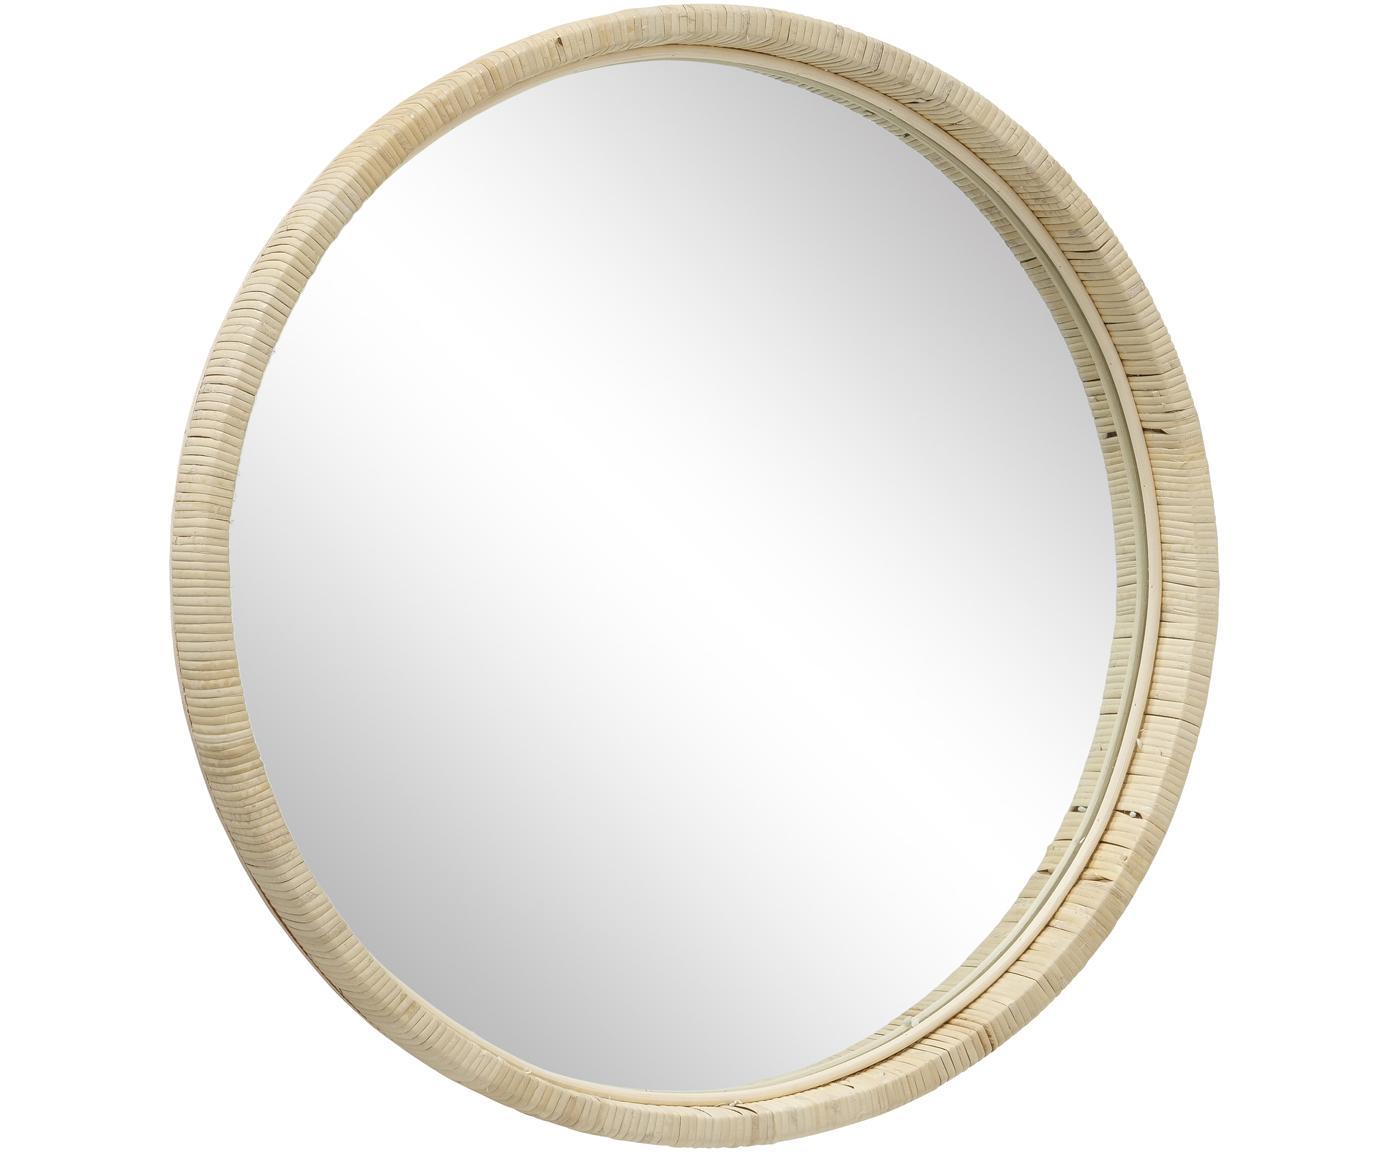 Okrągłe lustro ścienne z ramą z drewna bambusowego Yori, Drewno bambusowe, szkło lustrzane, Beżowy, Ø 50 cm